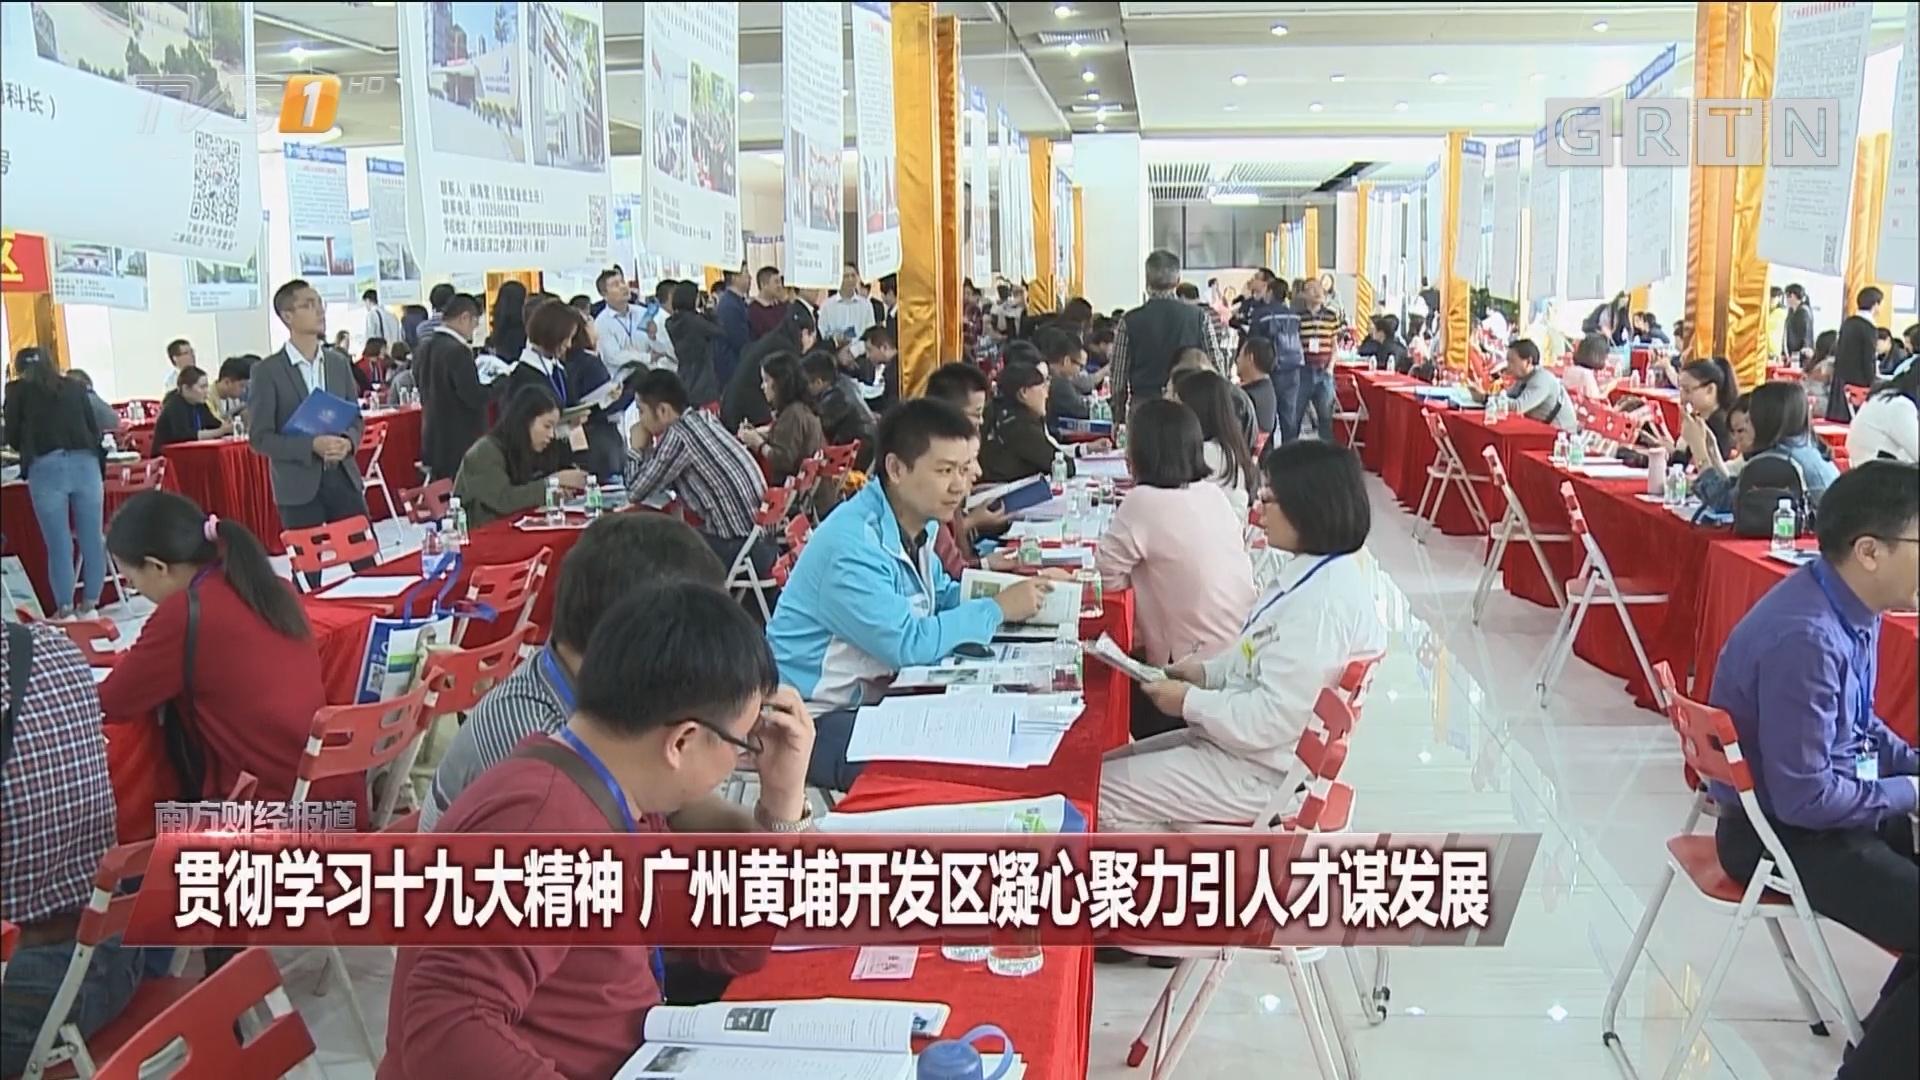 贯彻学习十九大精神 广州黄埔开发区凝心聚力引人才谋发展